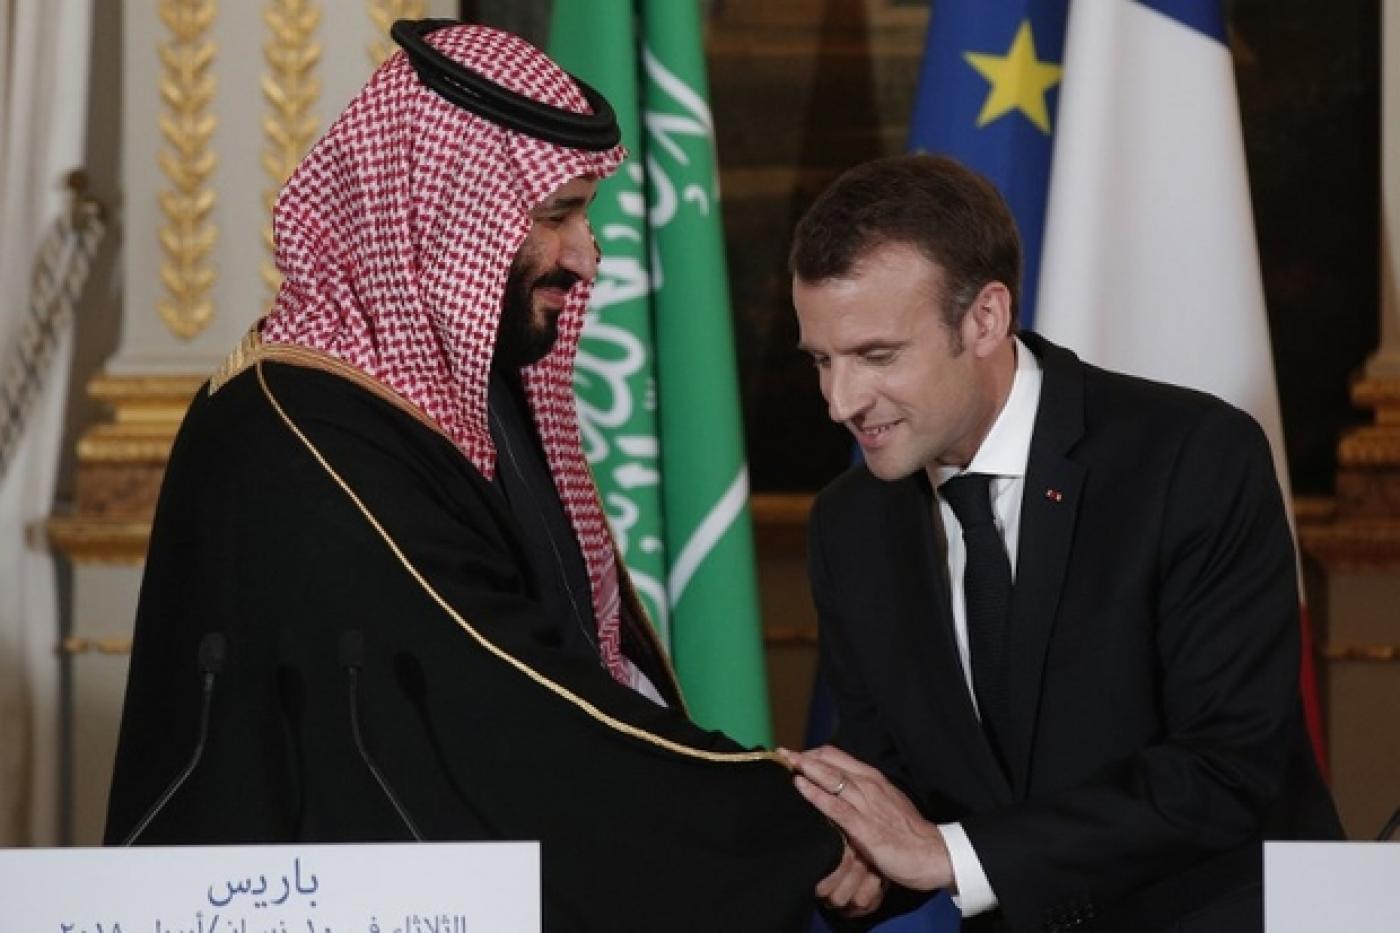 Ventes d'armes : la France reste le 3e plus gros exportateur mondial